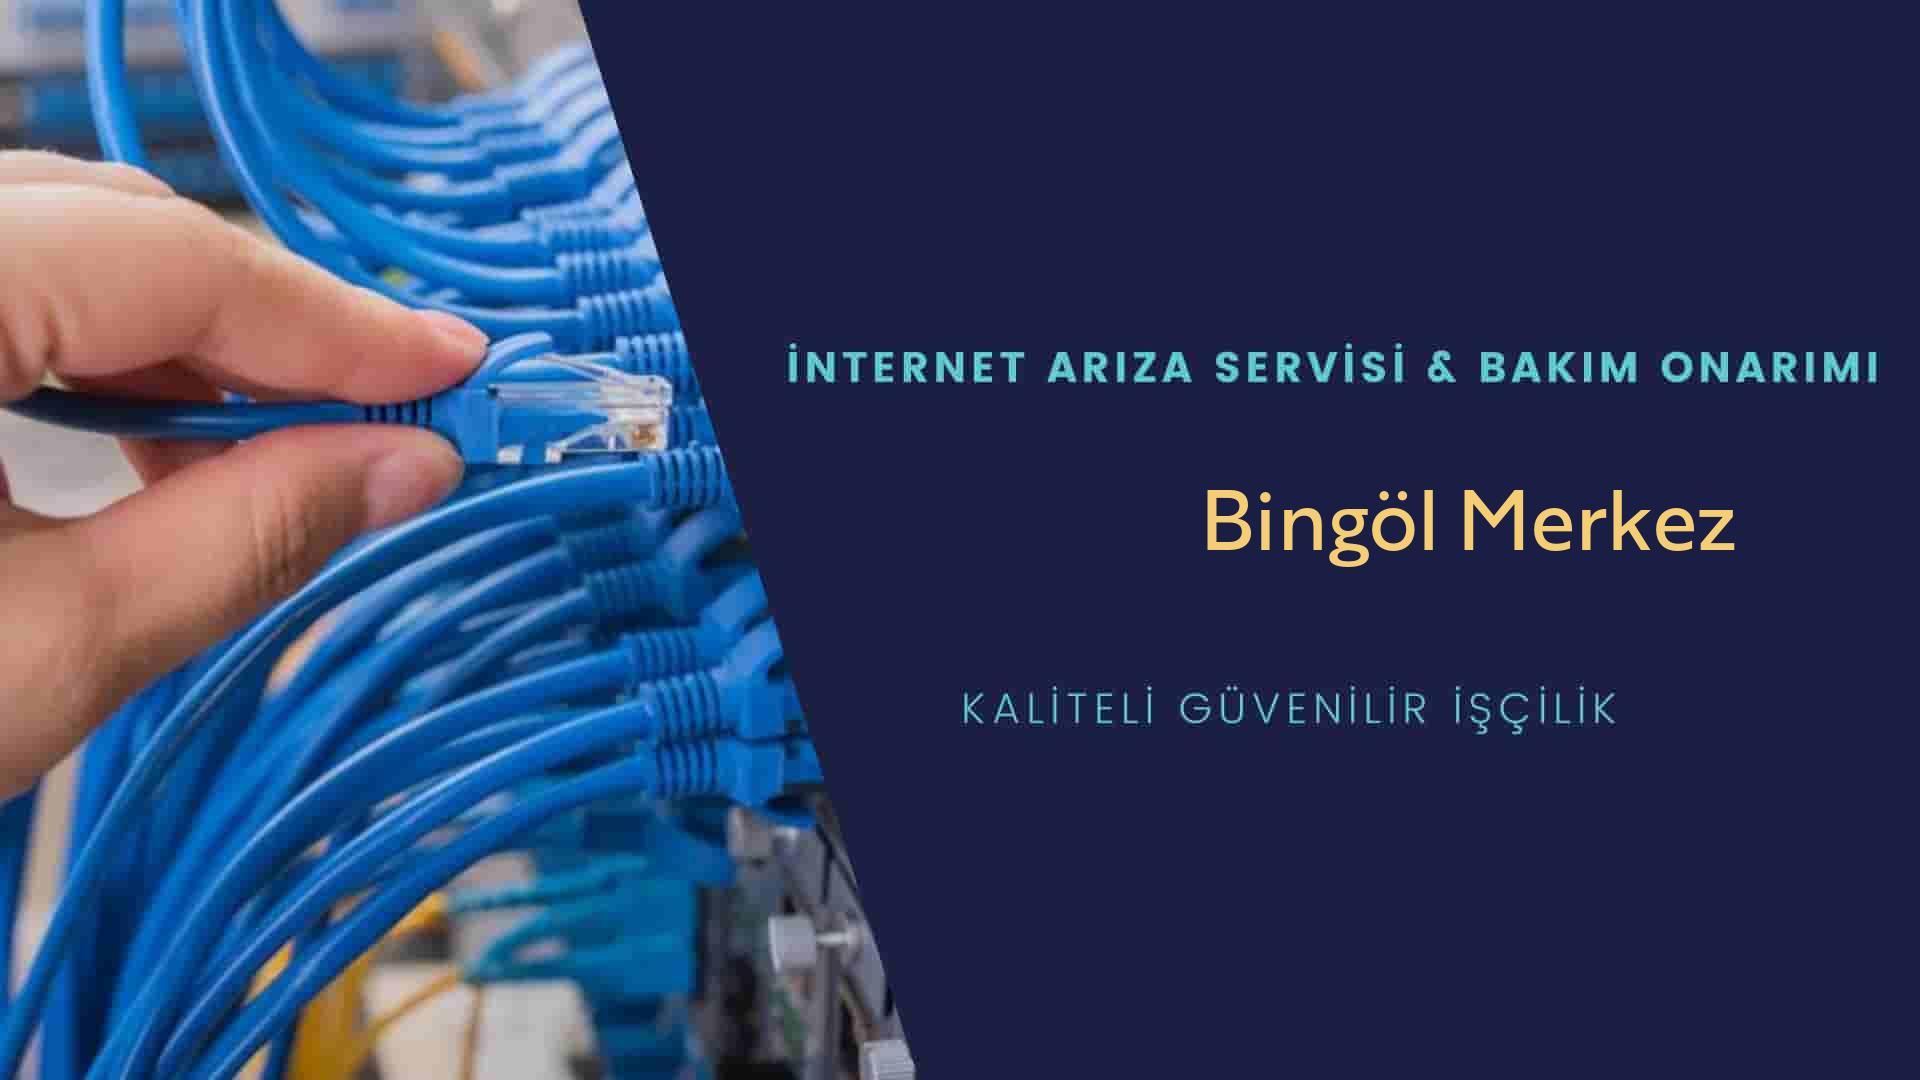 Bingöl Merkez internet kablosu çekimi yapan yerler veya elektrikçiler mi? arıyorsunuz doğru yerdesiniz o zaman sizlere 7/24 yardımcı olacak profesyonel ustalarımız bir telefon kadar yakındır size.